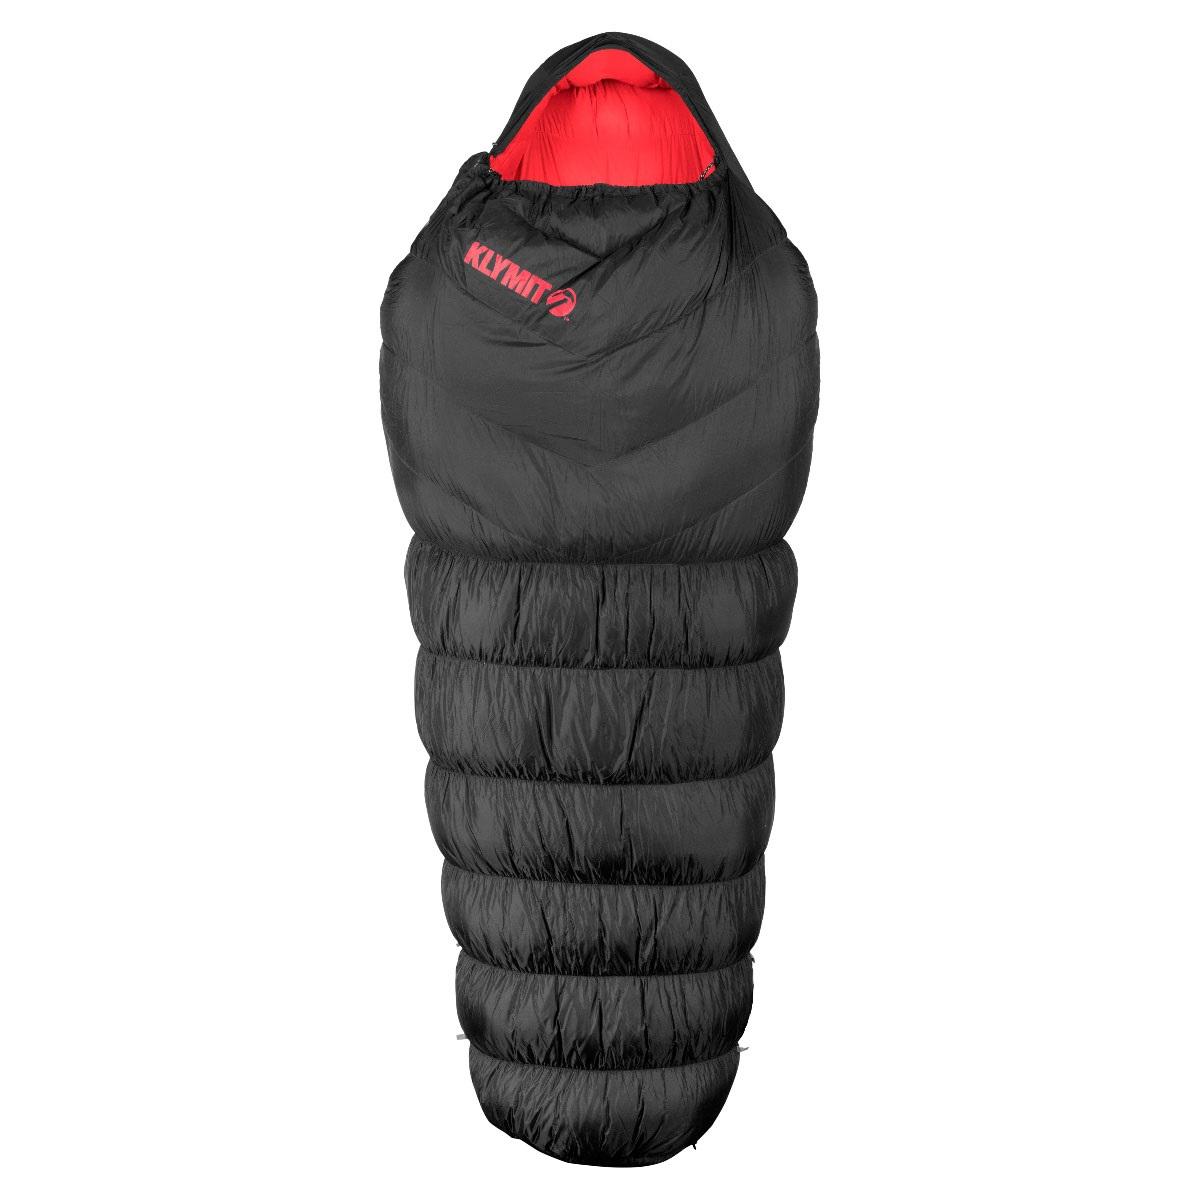 Спальный мешок Klymit KSB 0˚, черно-красный (13KZBK01D)